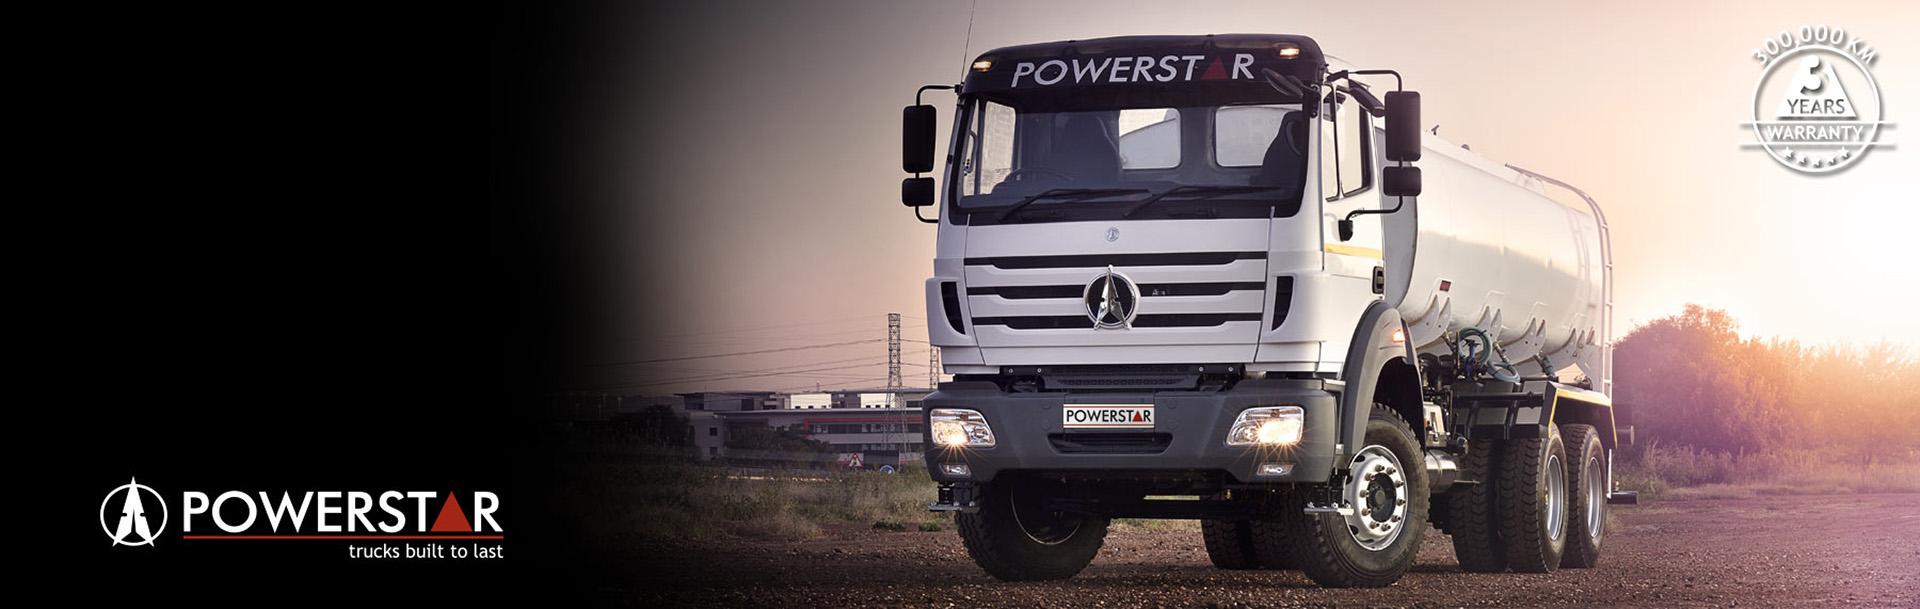 Powerstar-VX2628-Water-Tanker-truck-centre-durban-promotions